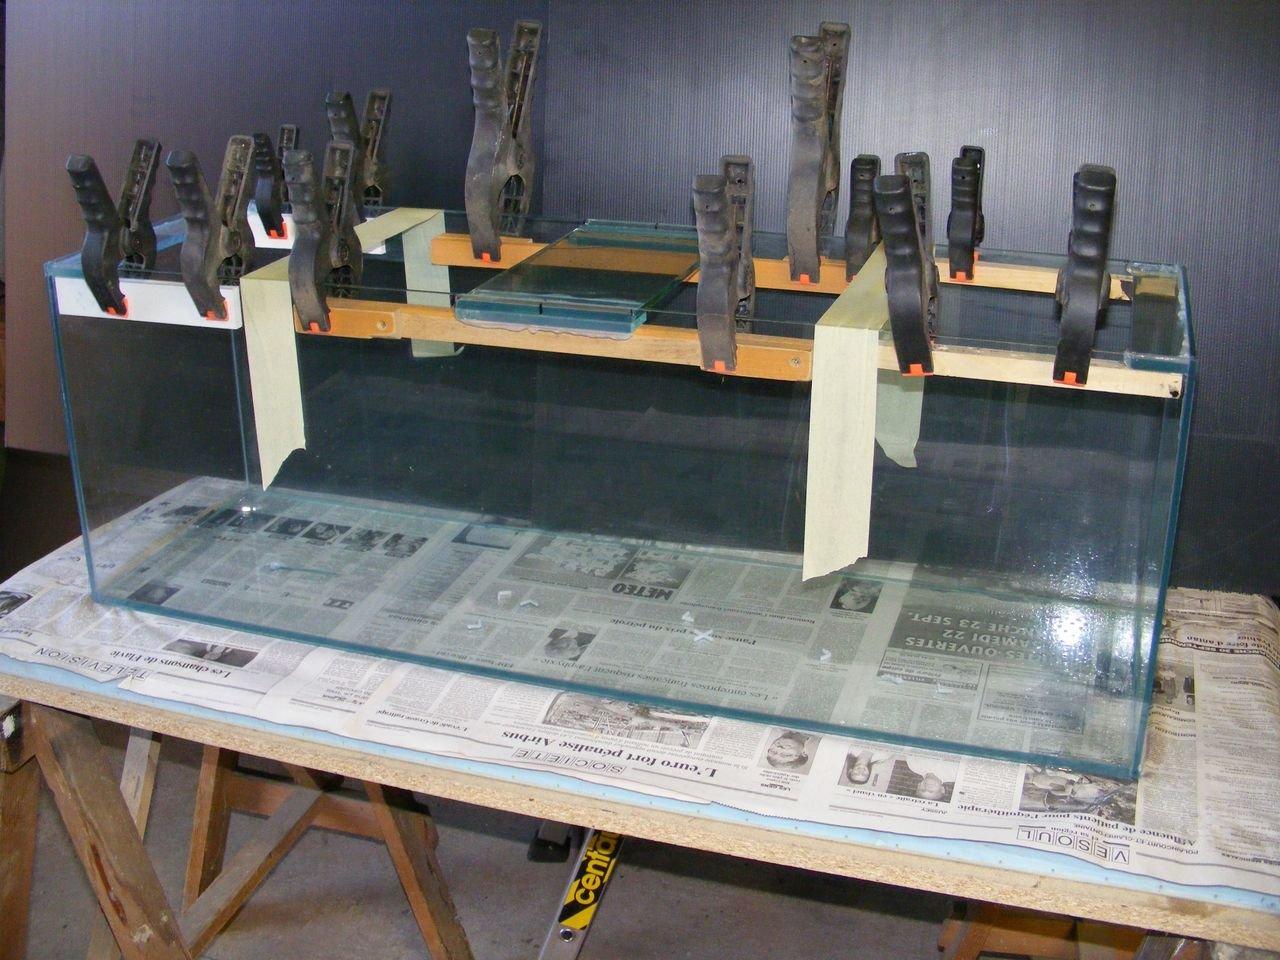 association comtoise d aquariophilie 187 archives du 187 fabriquer r 233 parer aquarium en